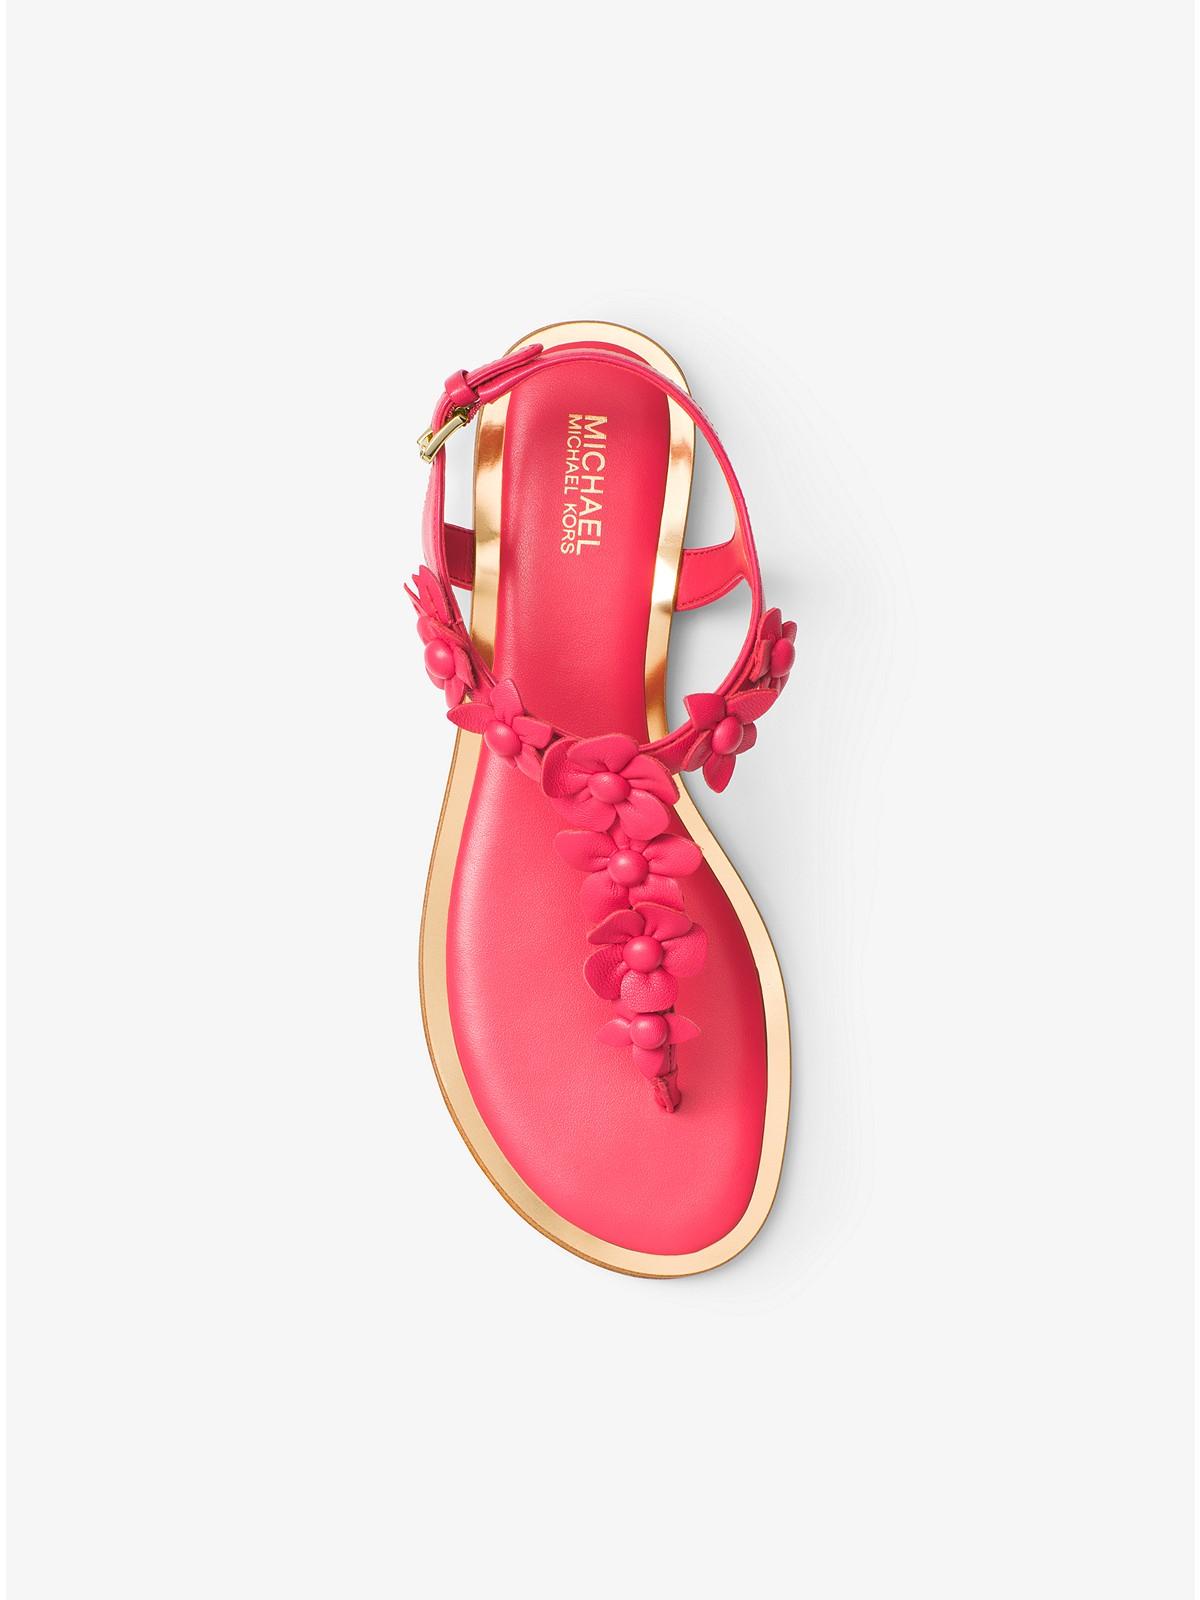 a1f82d1c3bda Michael Kors Tricia Floral Appliqué Leather Sandal at £135